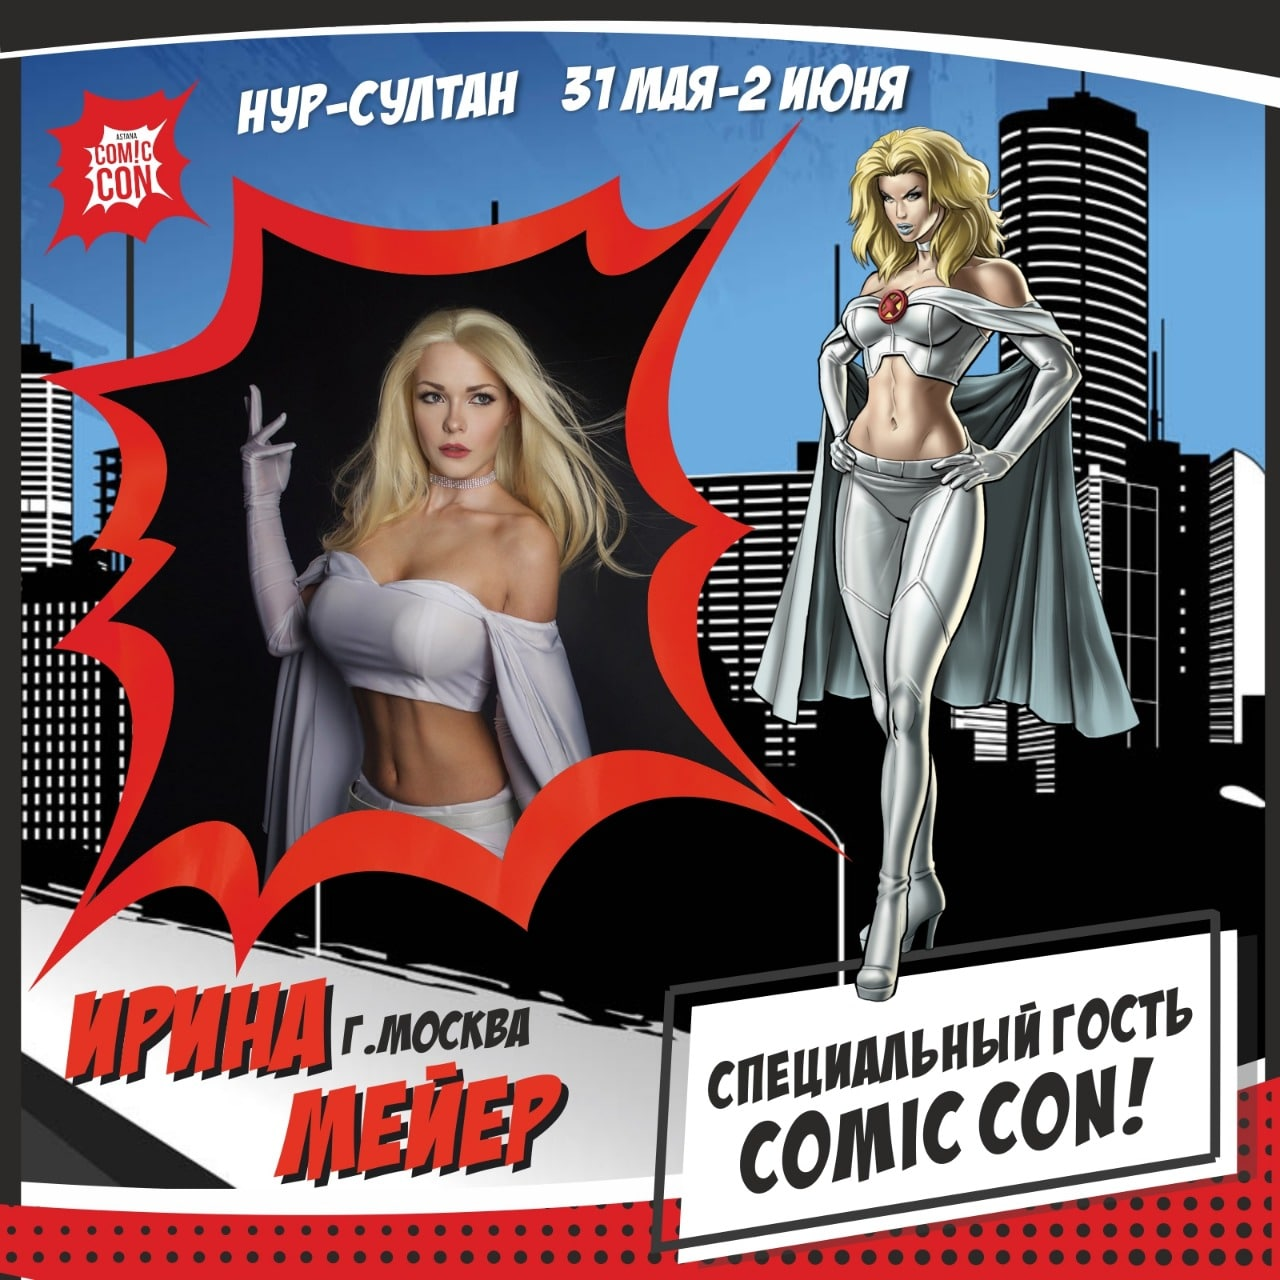 Ирина Мейер Comic con